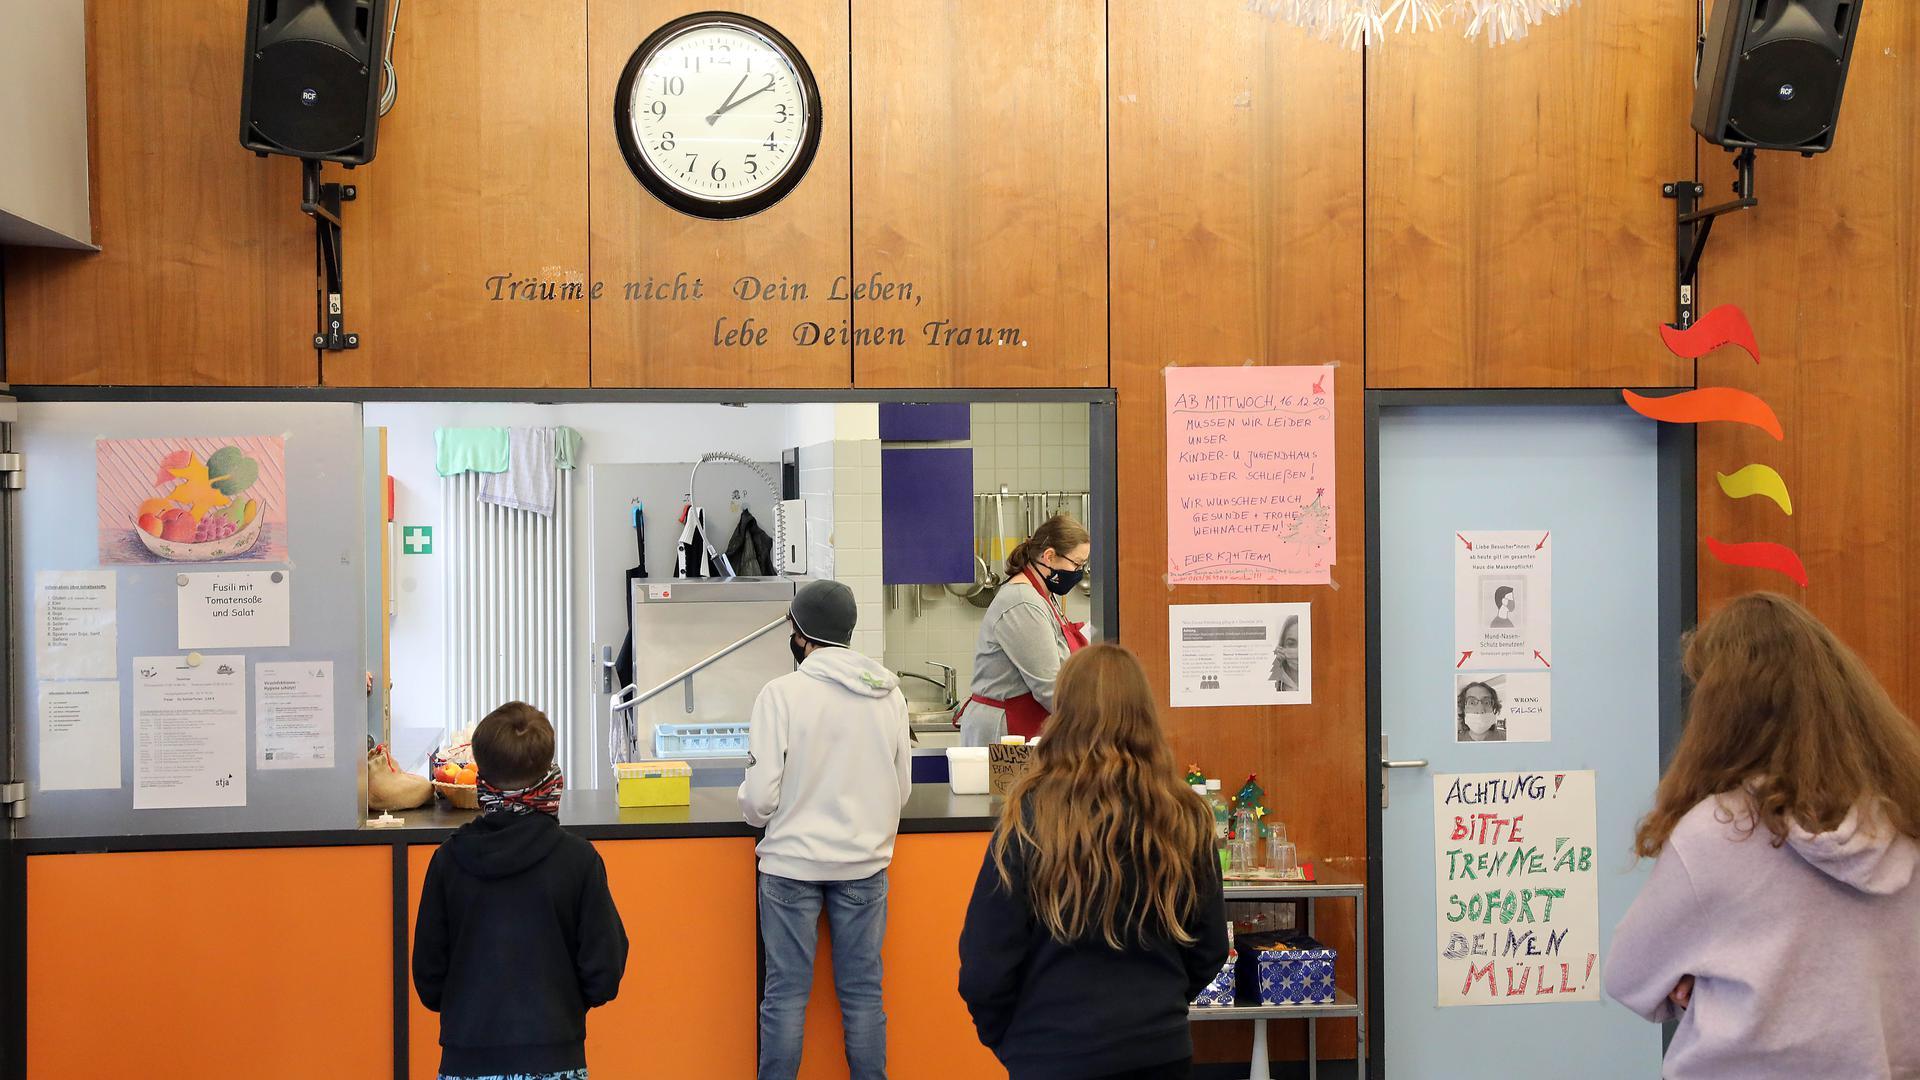 Mit Mundschutz: Im Kinder- und Jugendhaus Durlach erhalten die Besucher ein warmes Mittagessen und sozialpädagogische Unterstützung.